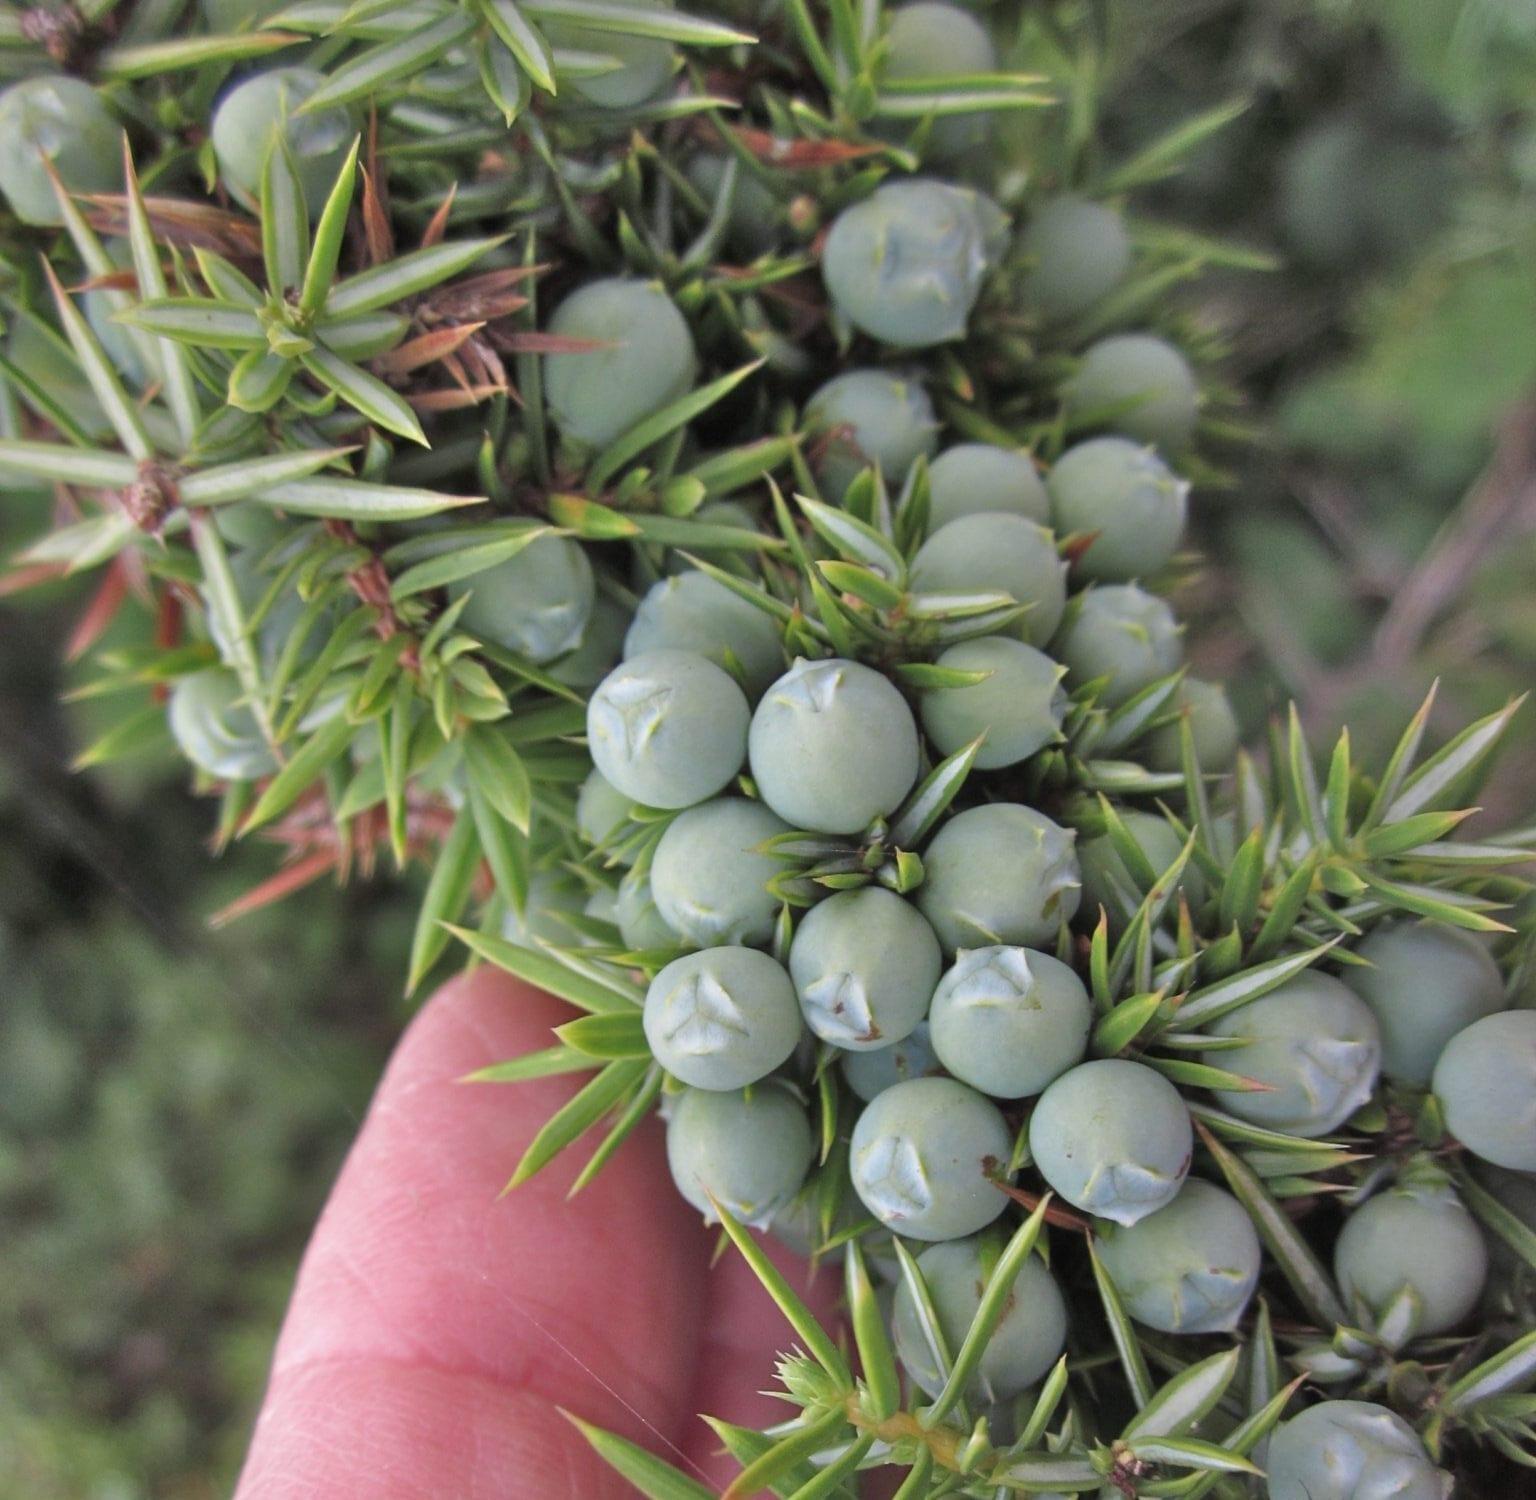 seed cones called berries